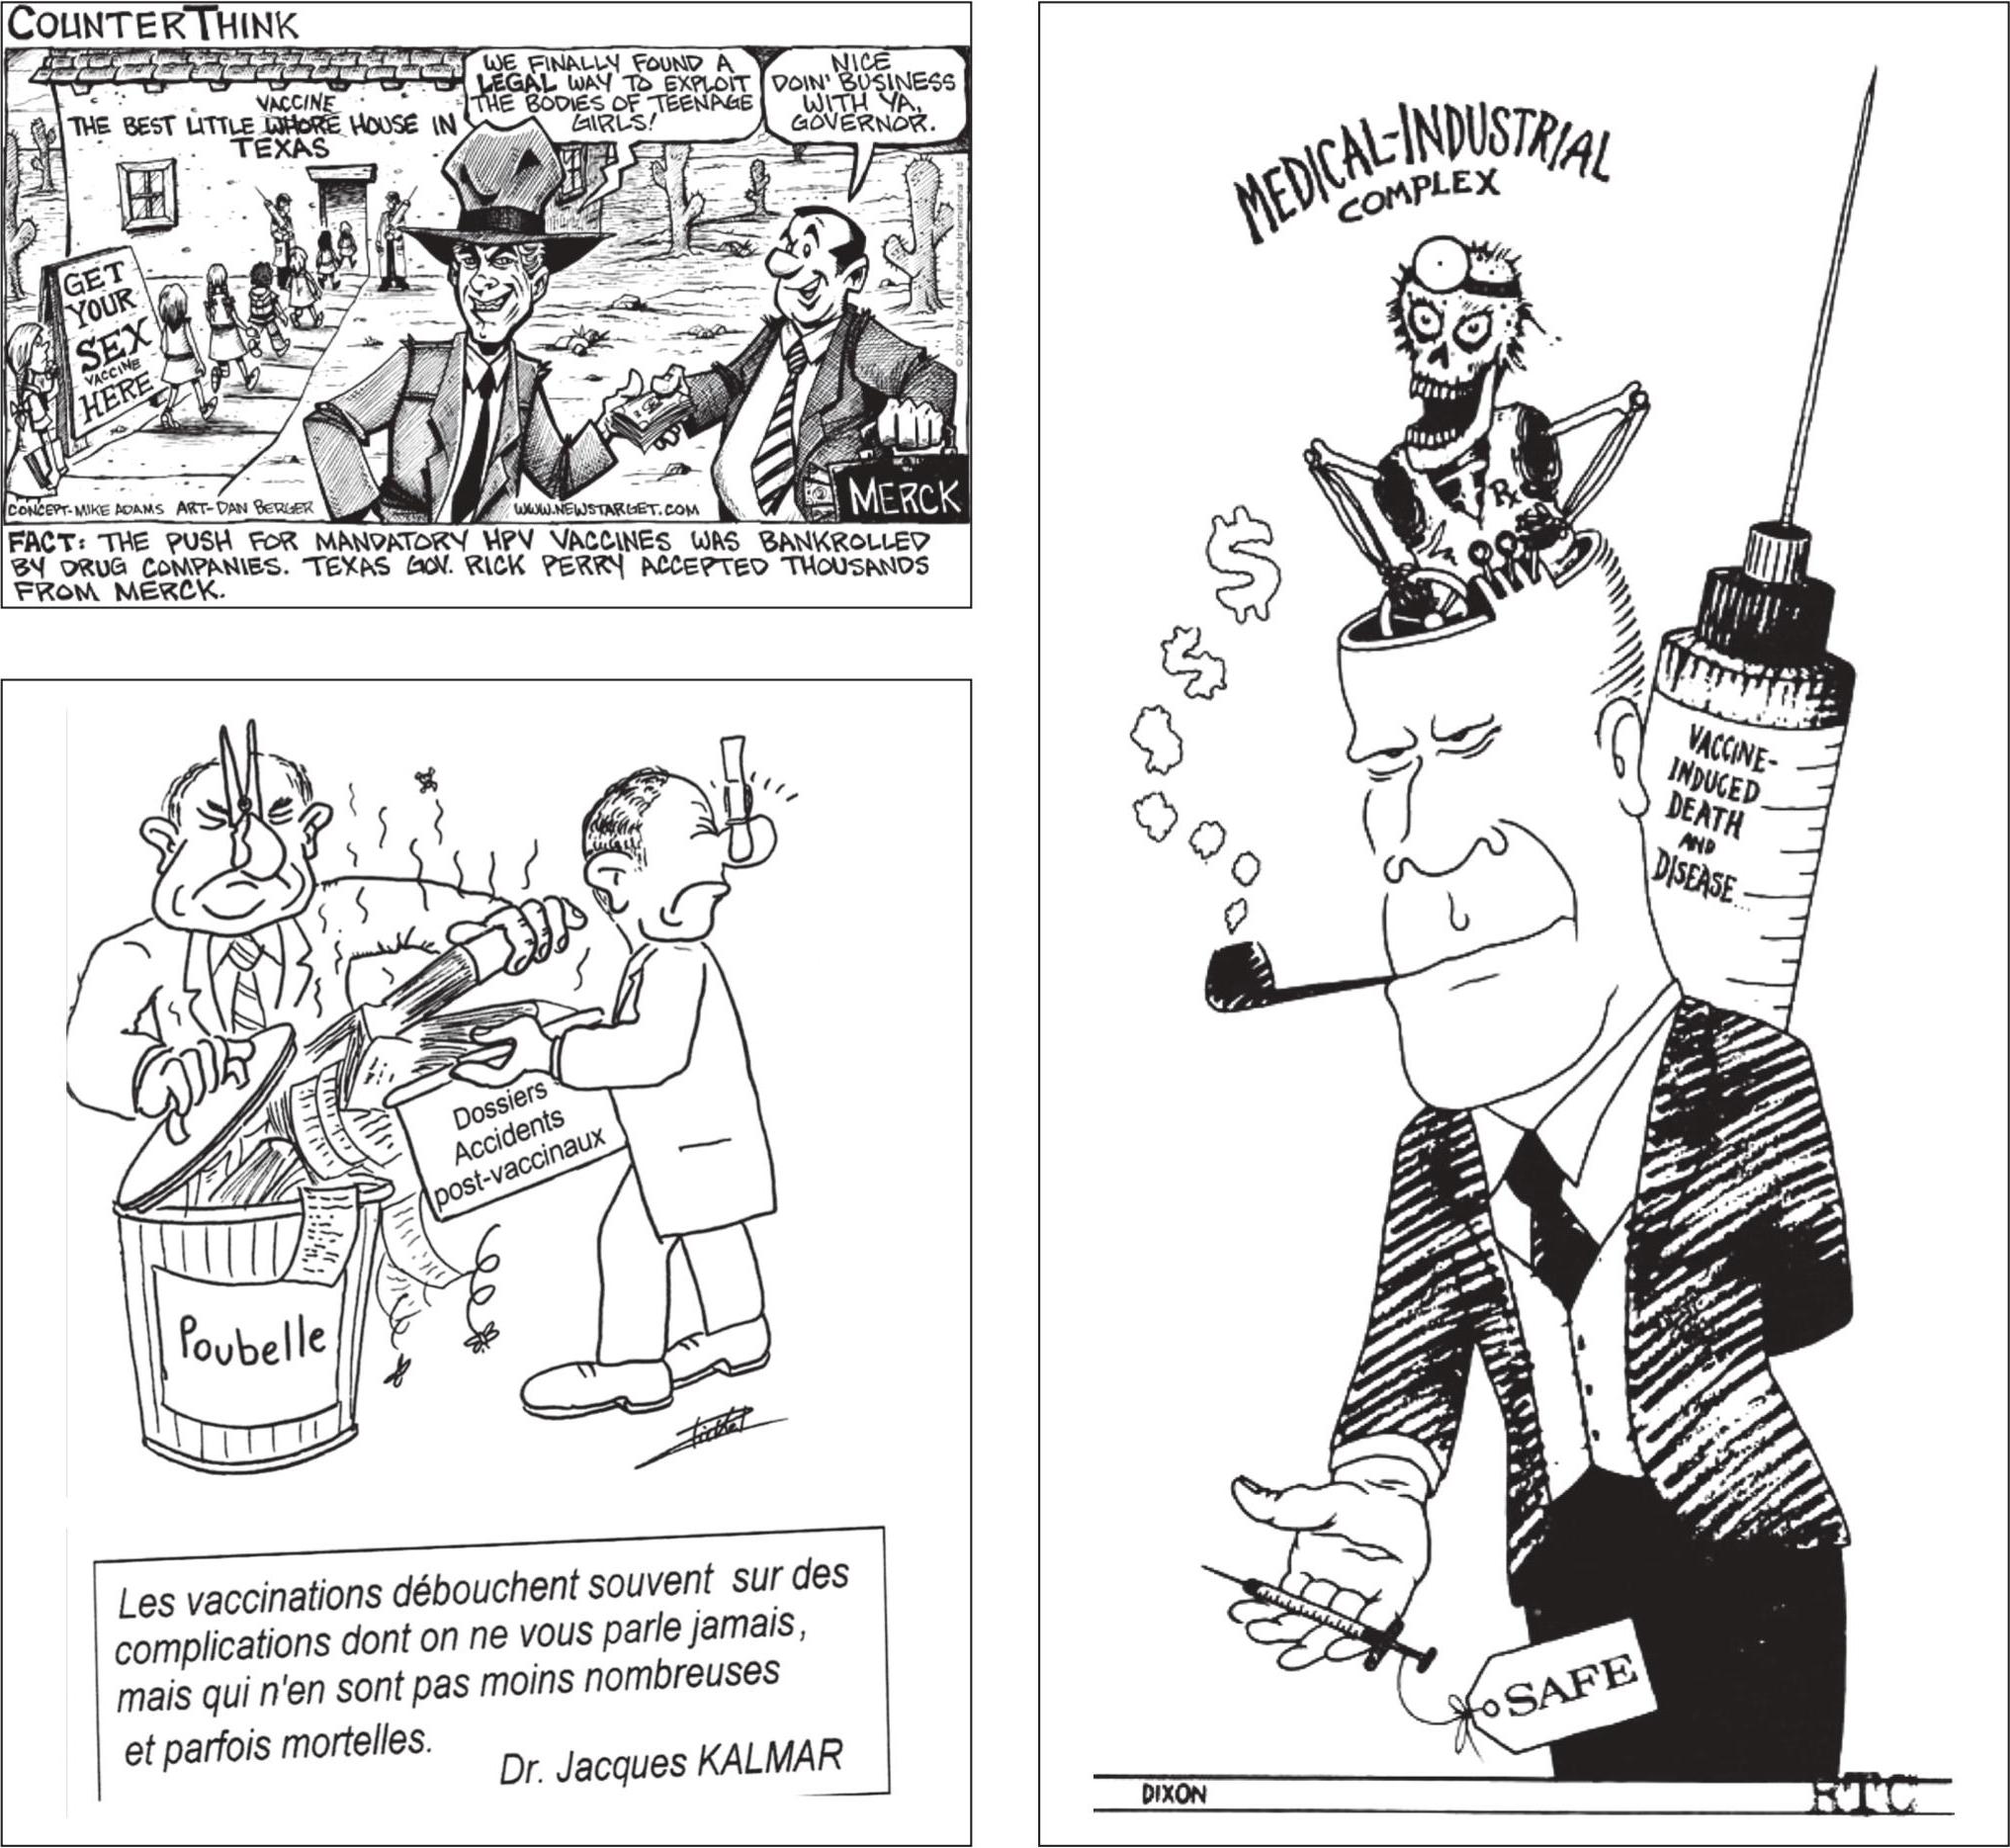 Современные антипрививочные карикатуры: «вакцина против вируса папилломы — путь девочек к свободному сексу», «вакцины–болезни–смерть–прибыль», «иски по поводу поствакцинальных осложнений плохо пахнут».